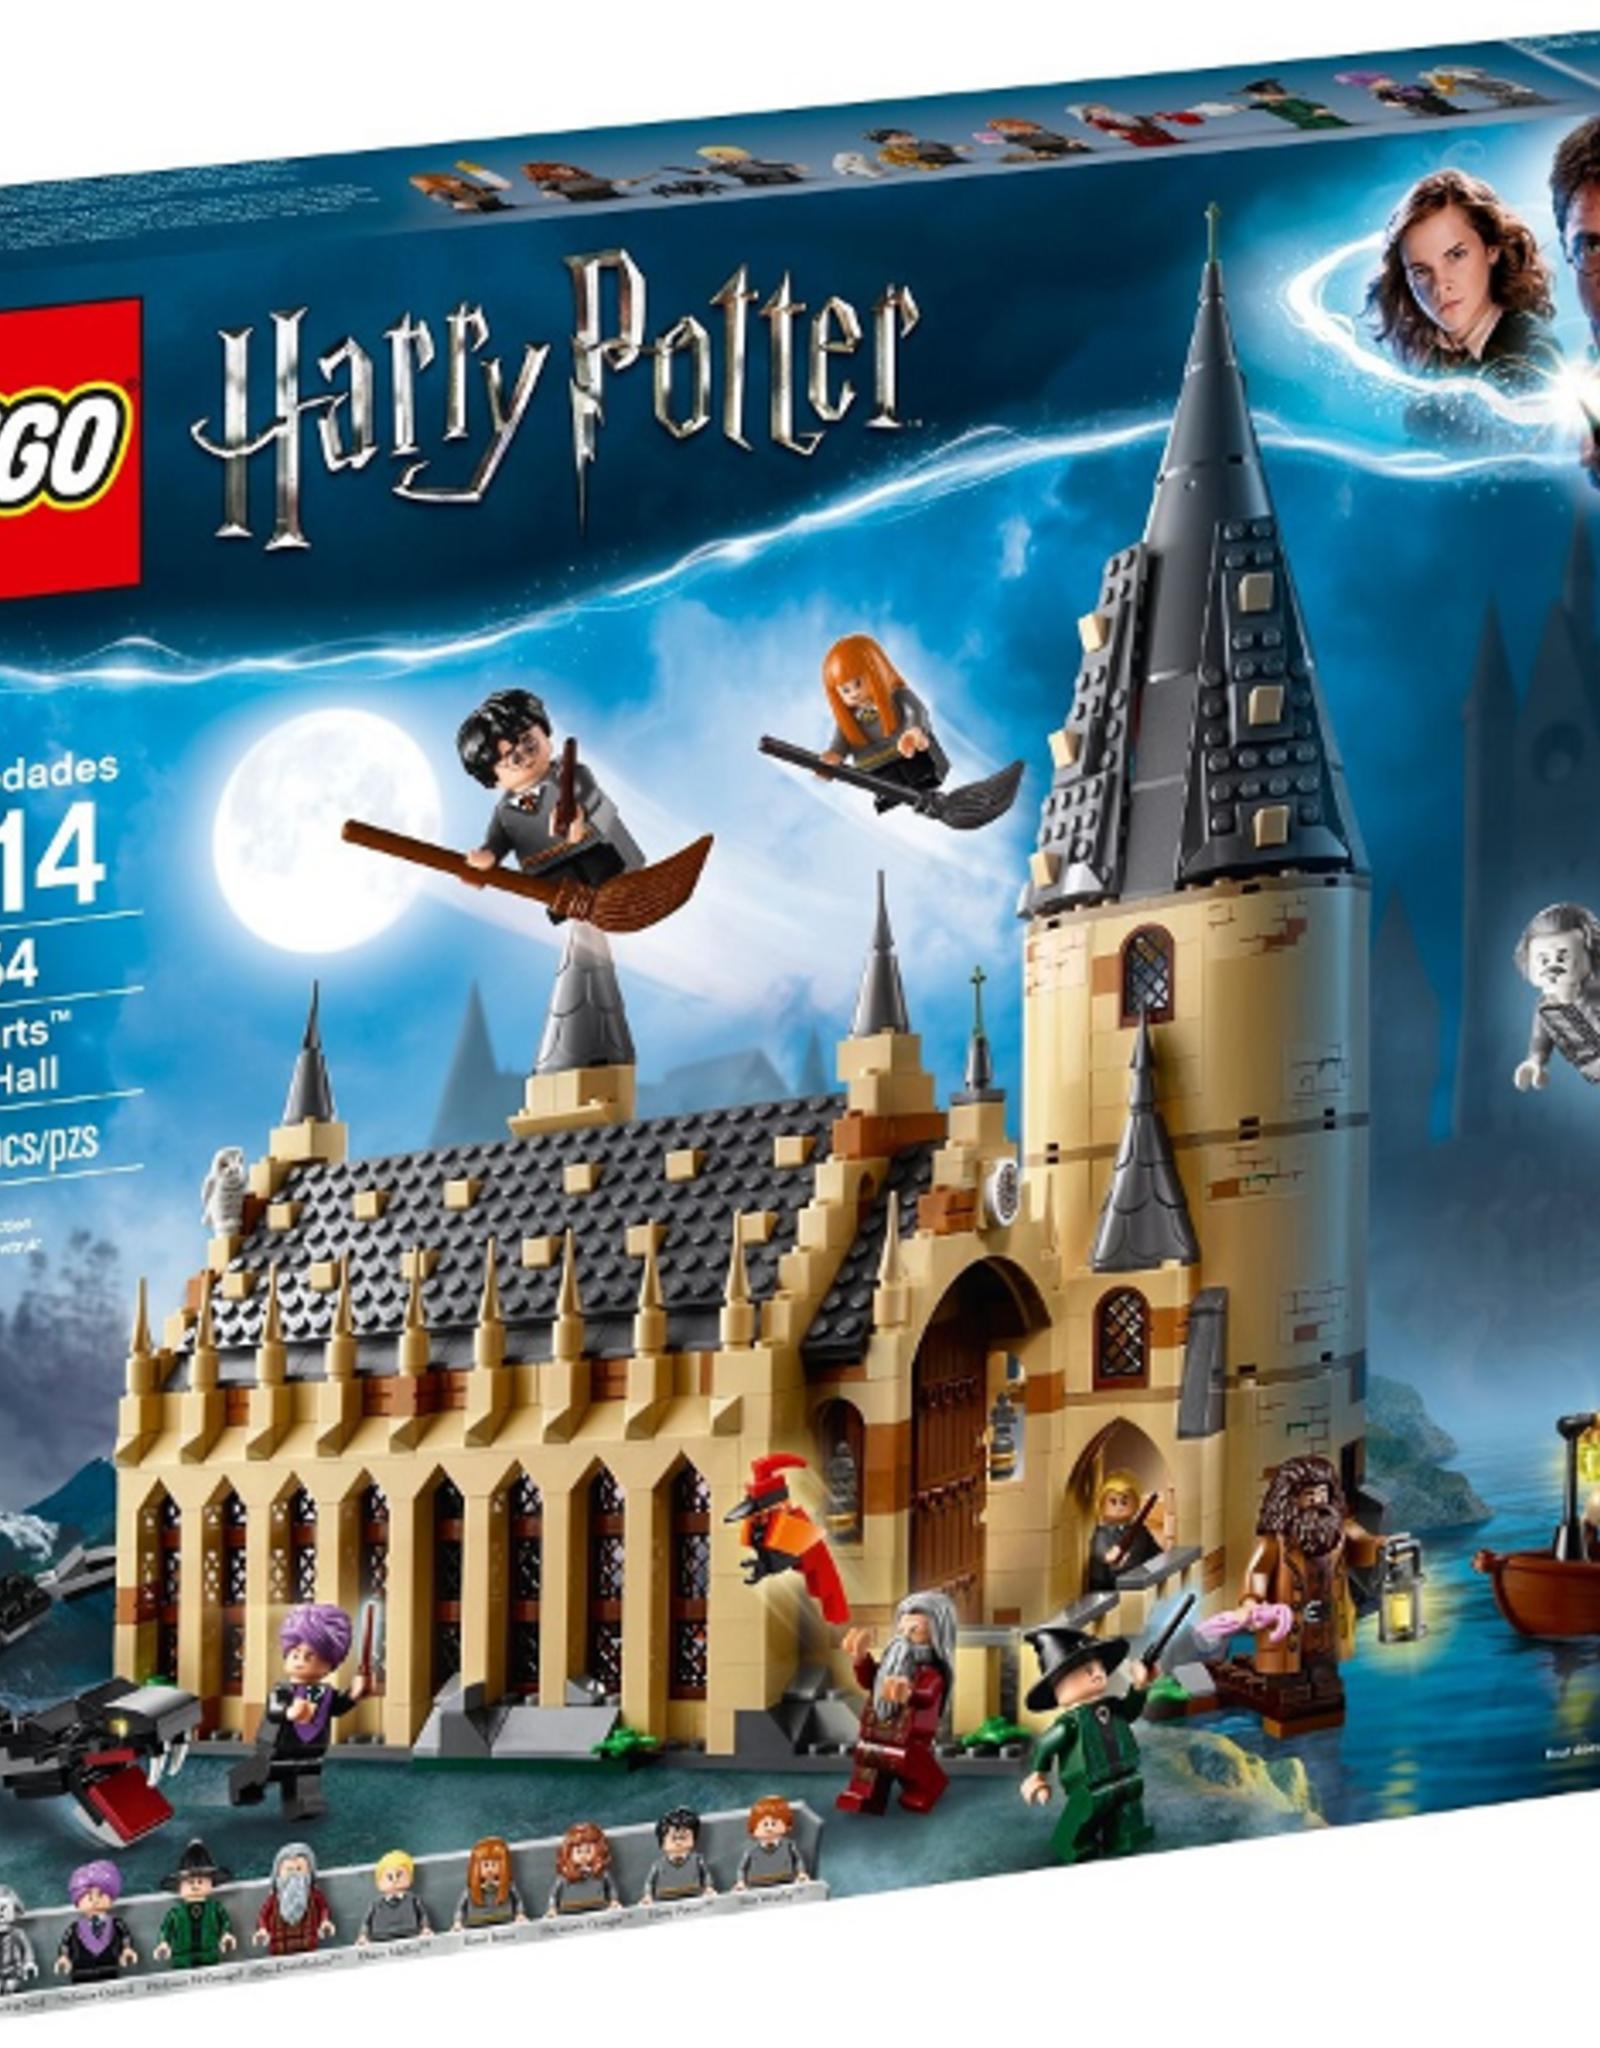 LEGO LEGO 75954 Hogwarts Great Hall HARRY POTTER